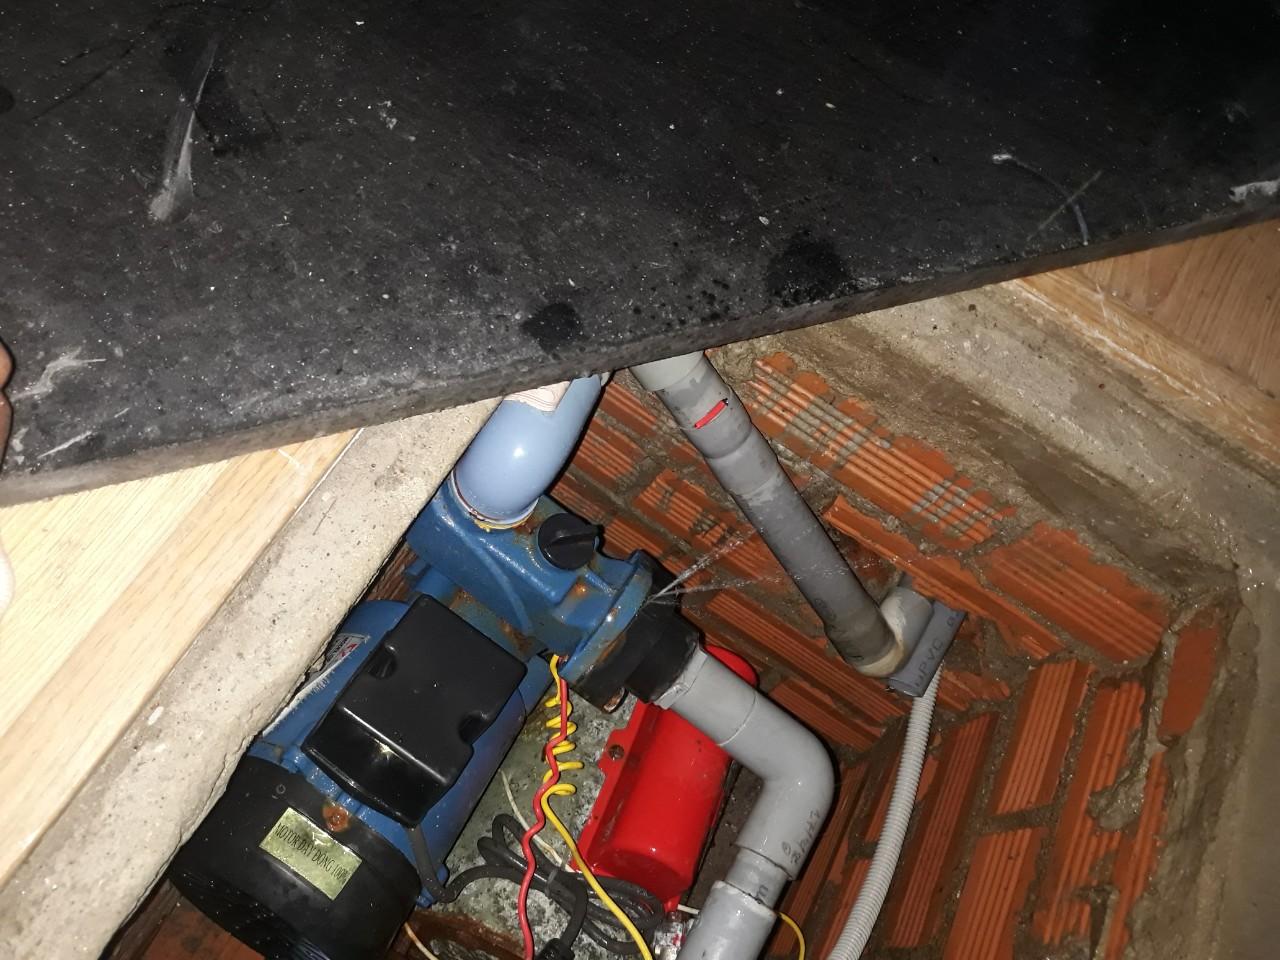 sửa máy bơm nước các quận tphcm